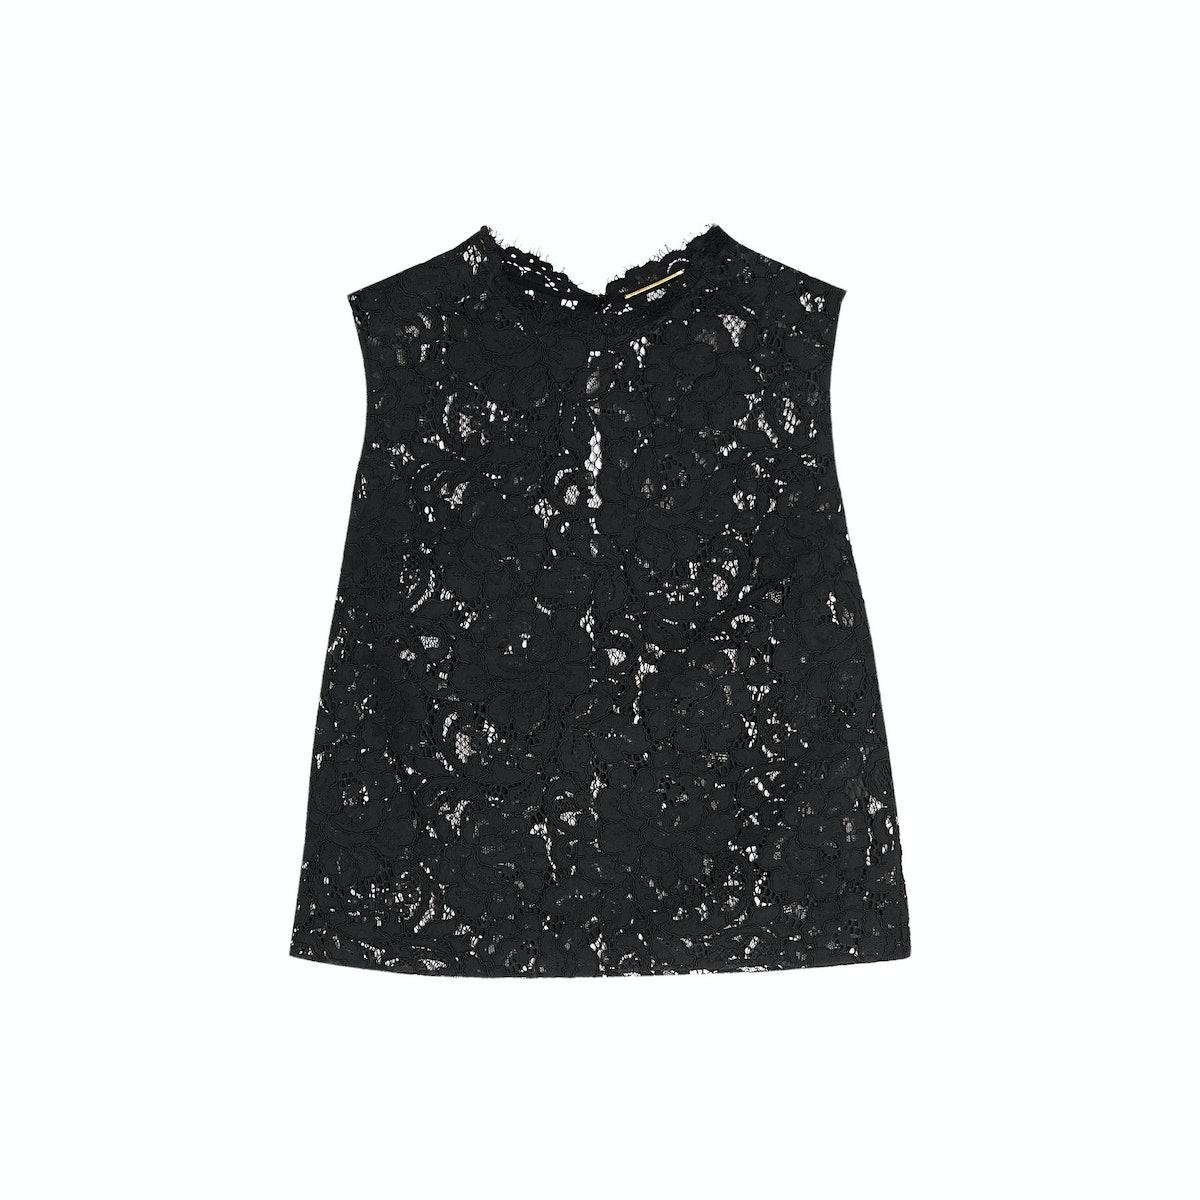 Saint-Laurent-lace-top,-$890,-at-netaporter.com